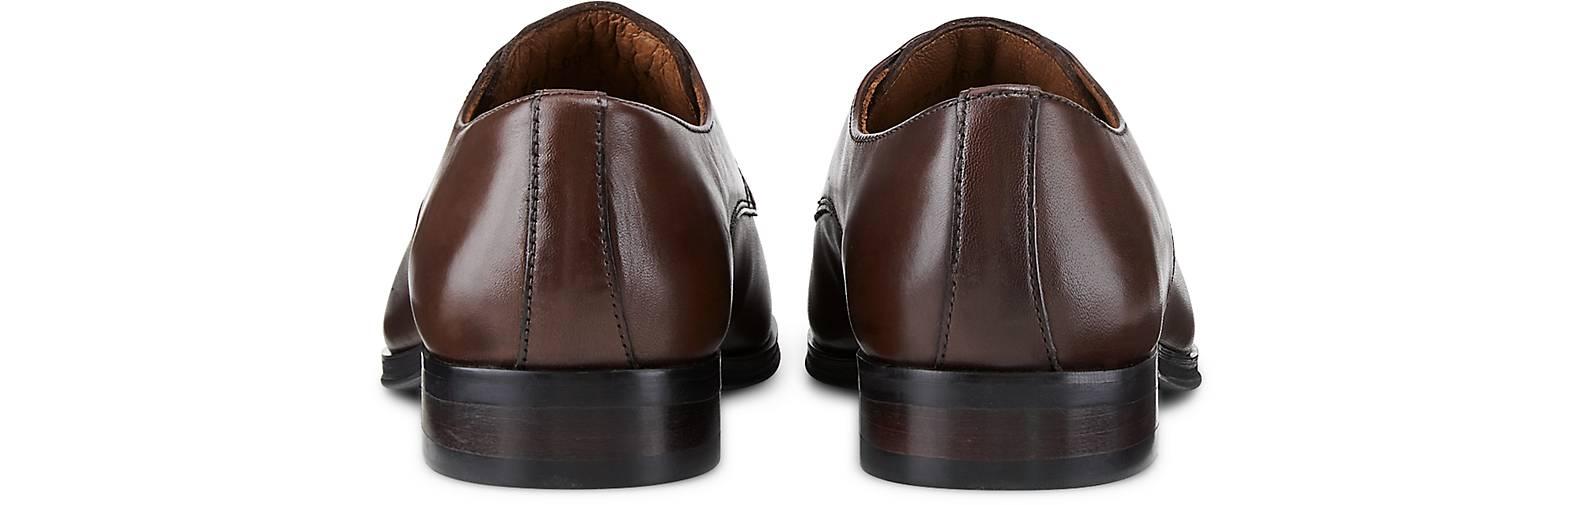 Belmondo Business-Schnürschuh in braun-dunkel kaufen kaufen kaufen - 47845001 GÖRTZ Gute Qualität beliebte Schuhe 5453e1